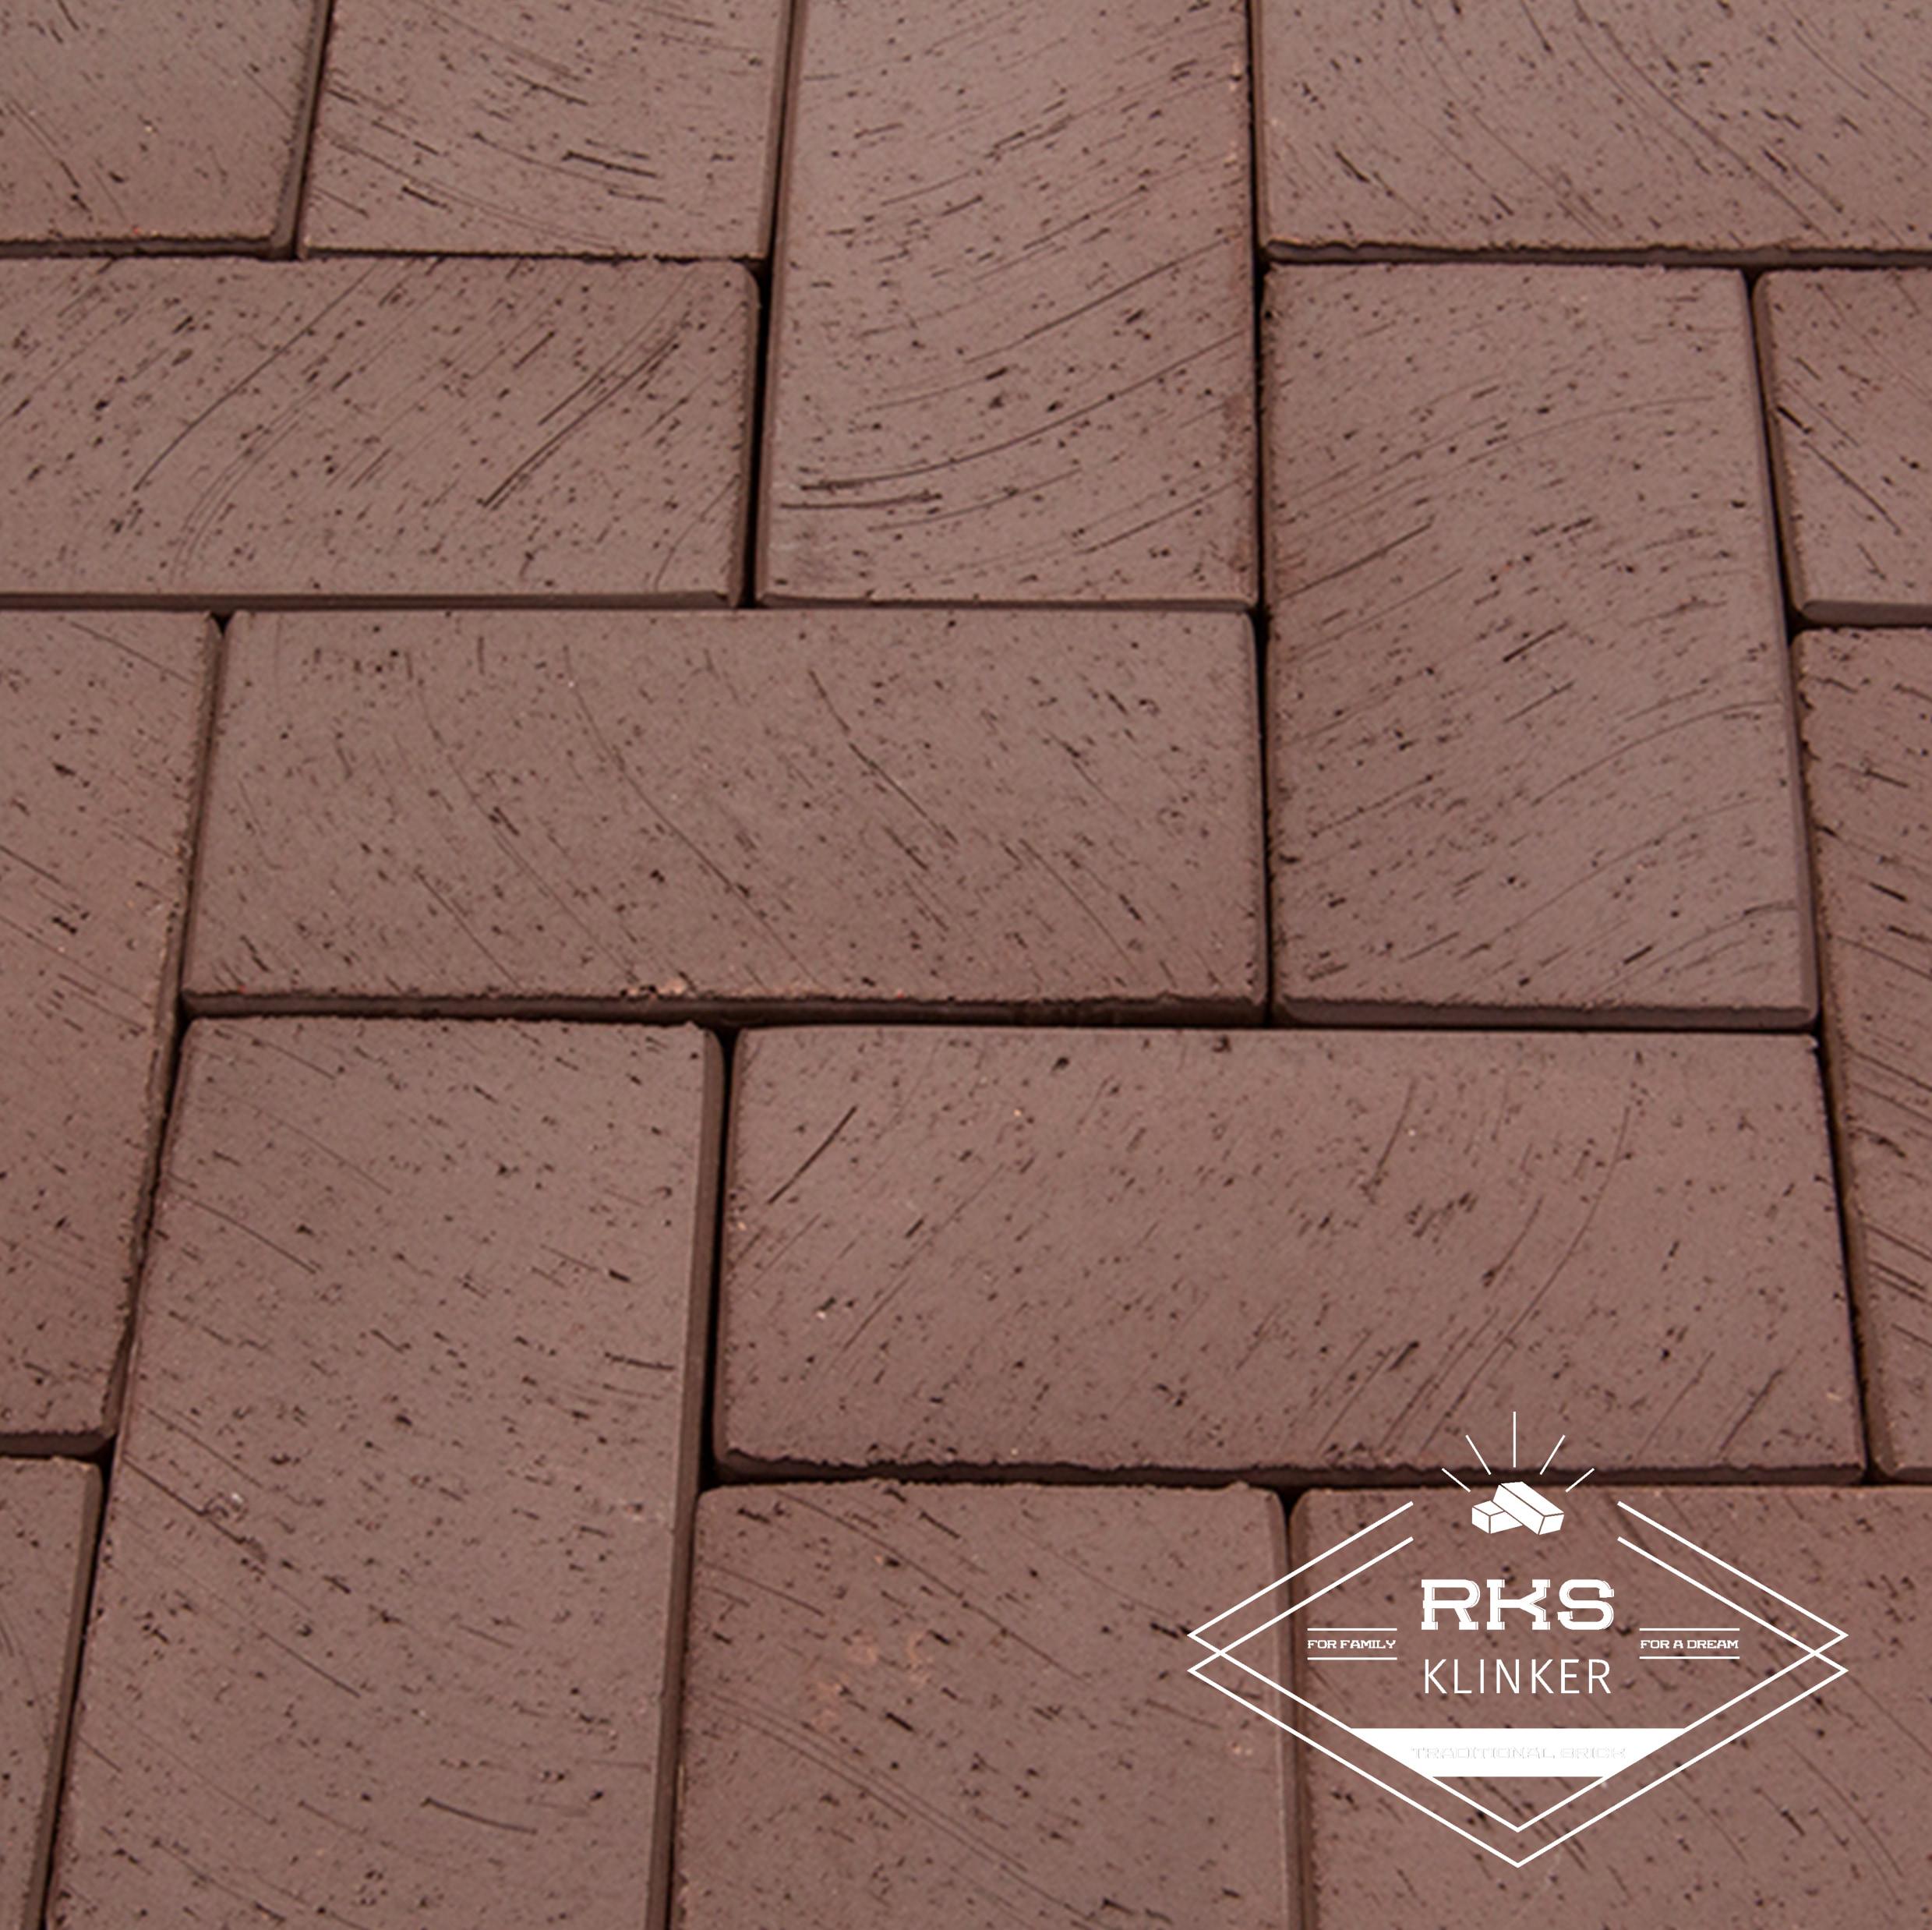 Клинкерная тротуарная плитка LODE, Brunis, коричневый в Саратове